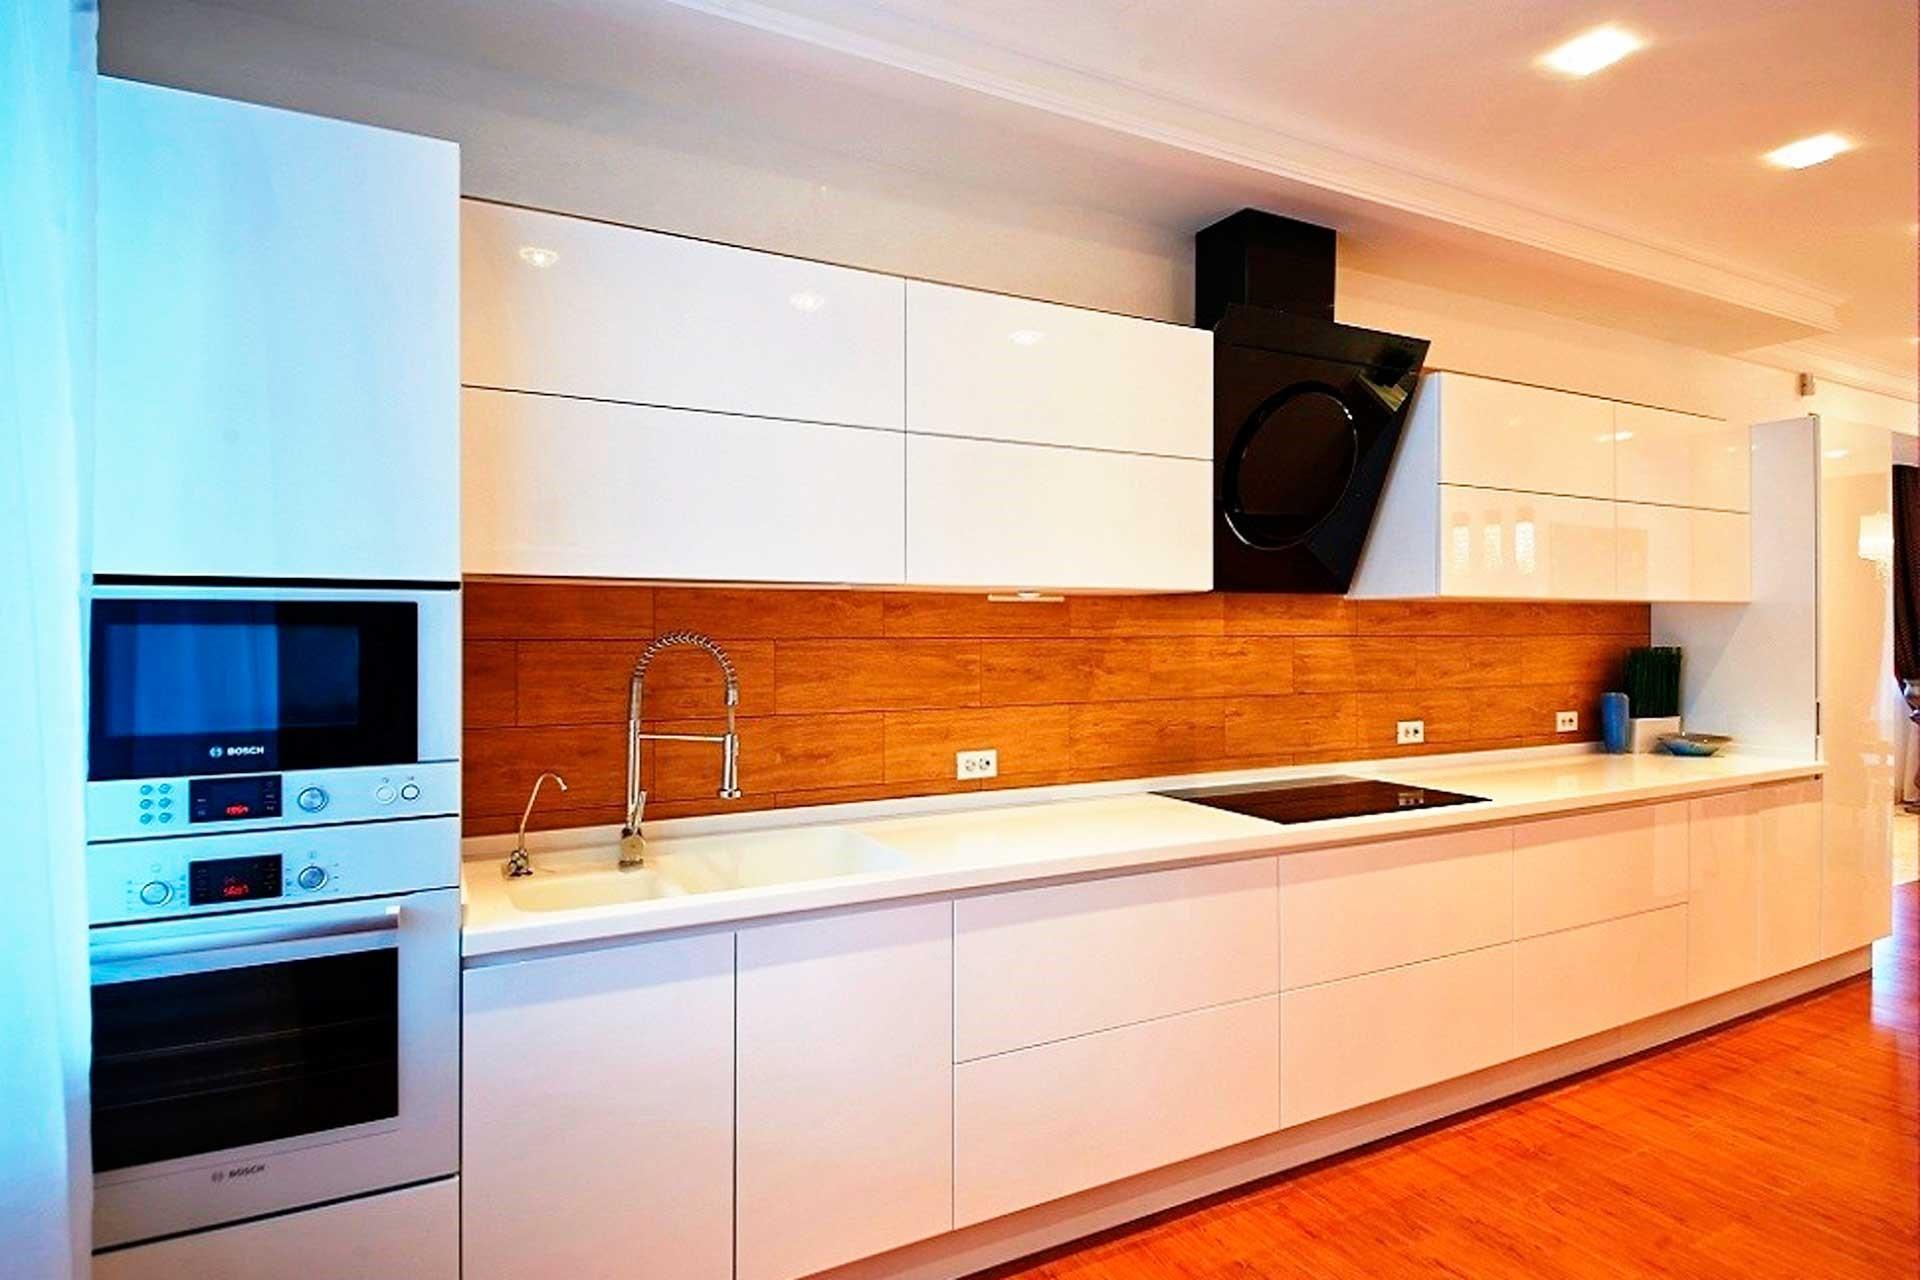 Между холодильником и плитой, а также и между мойкой и плитой находятся столы с рабочей поверхностью